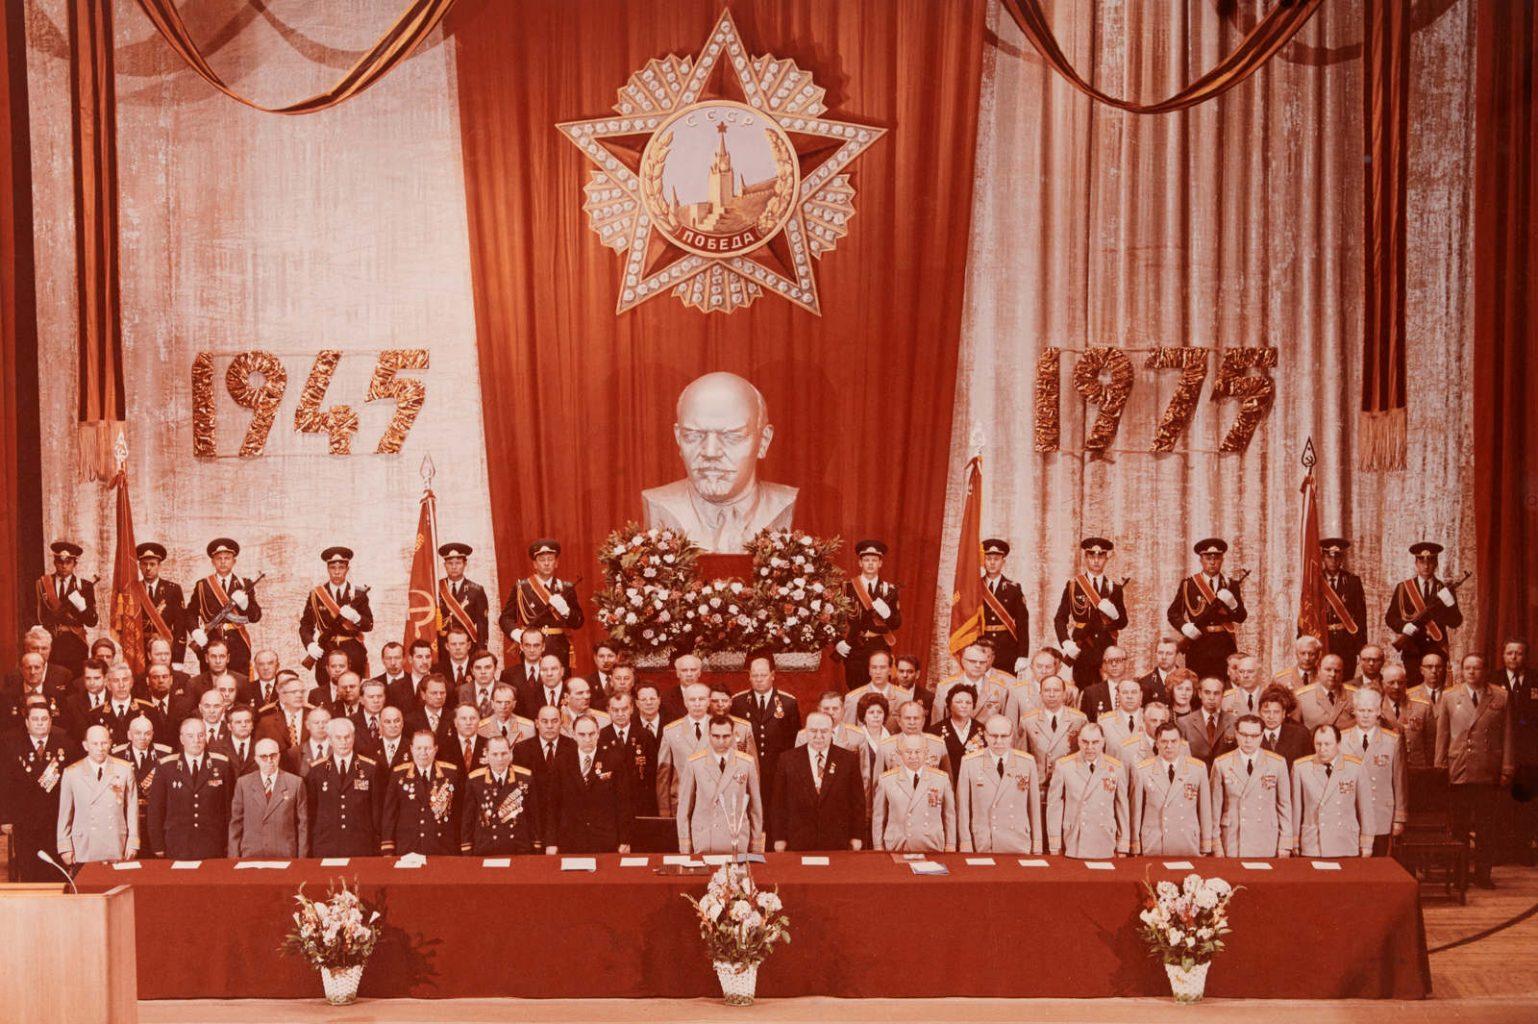 Photographie originale de la commémoration des 30 ans (1945-1975) de la victoire en URSS (1975)